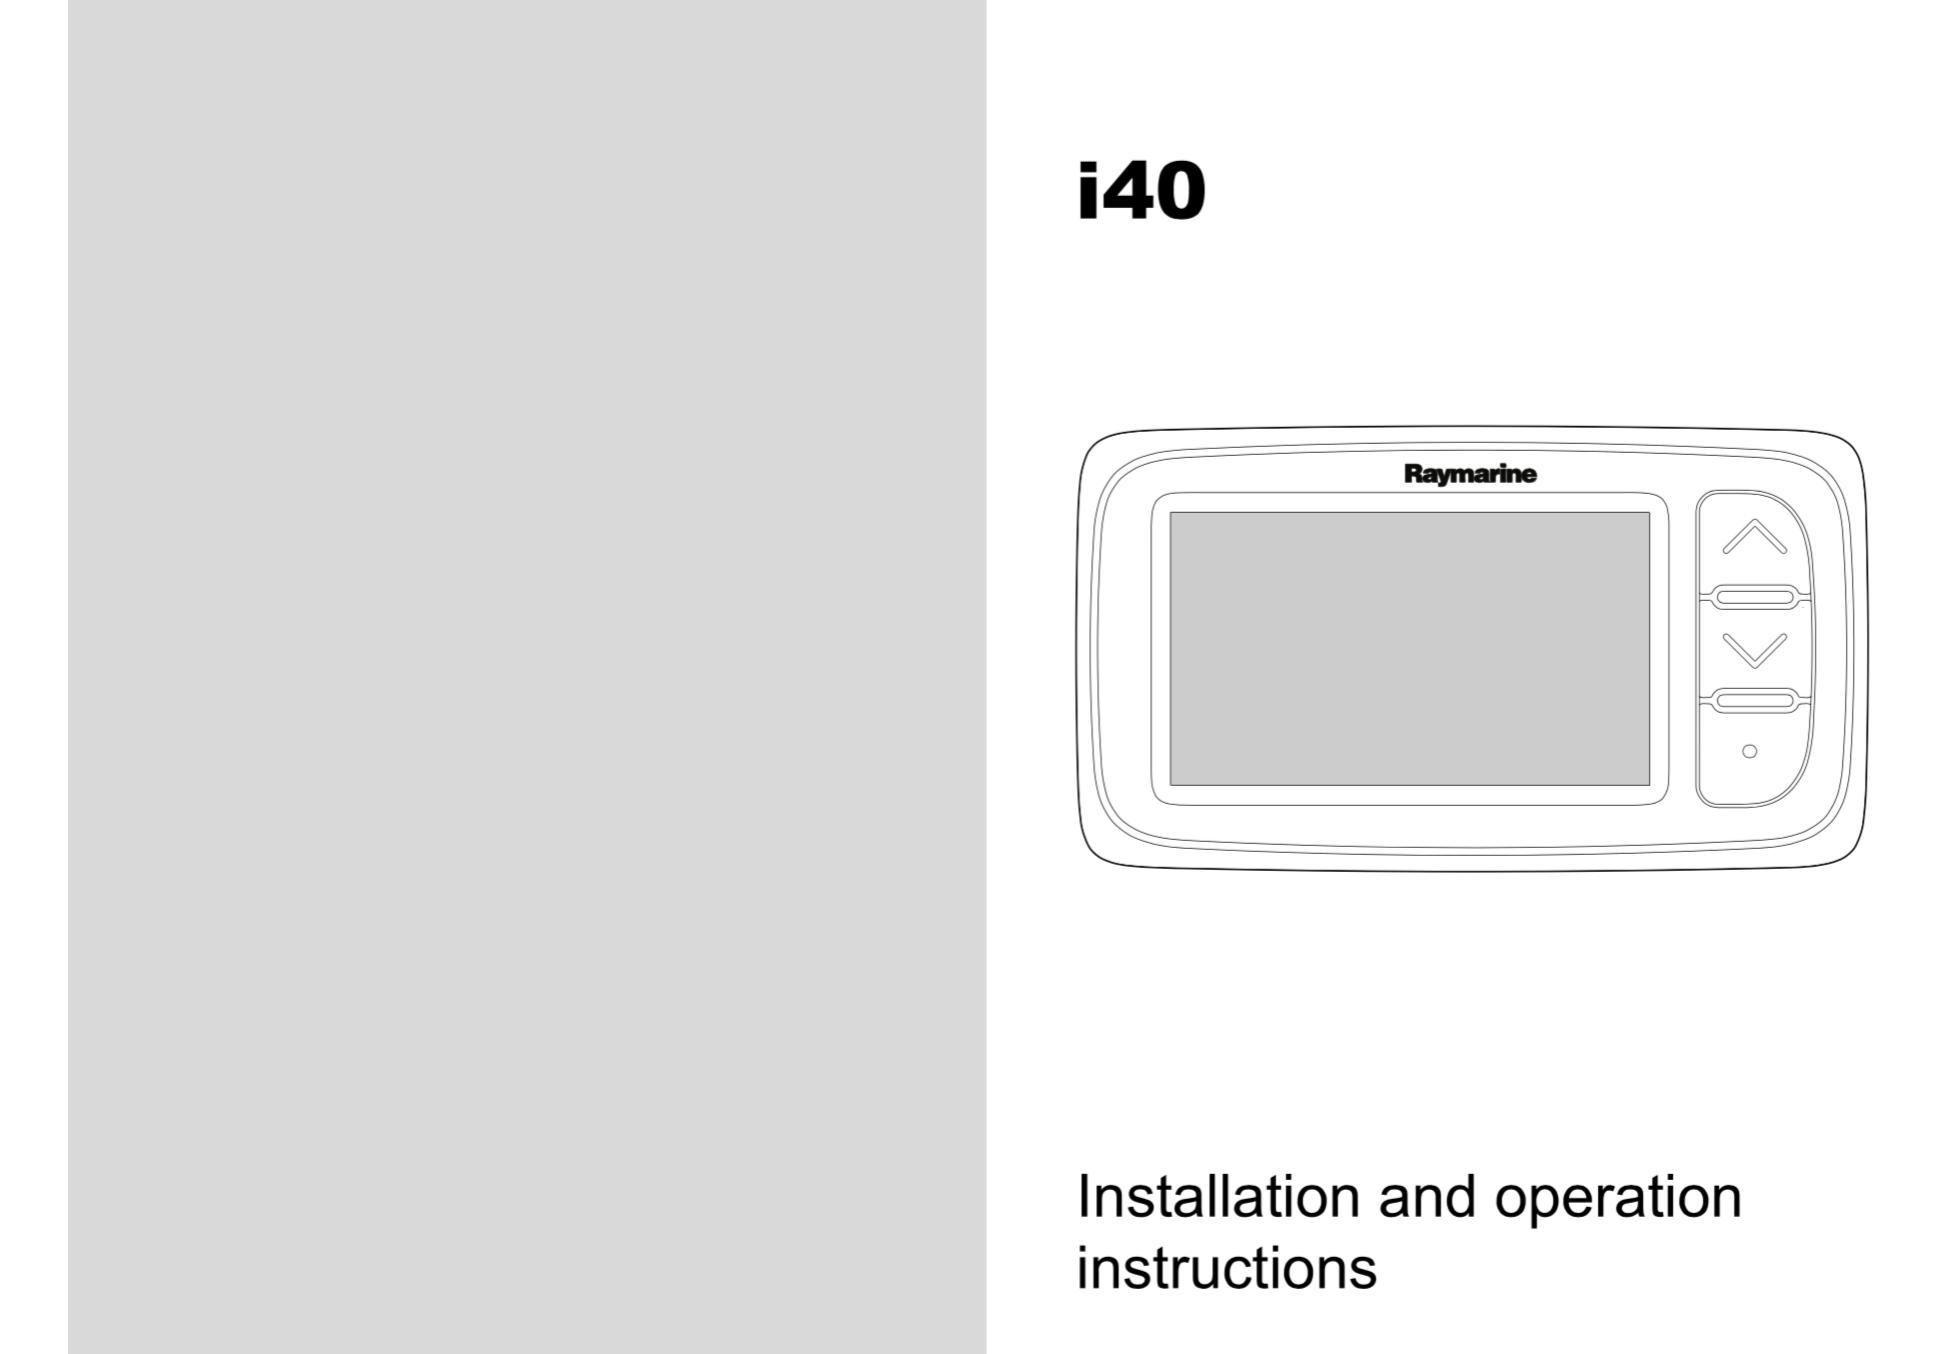 i40 instrument installation operation instructions